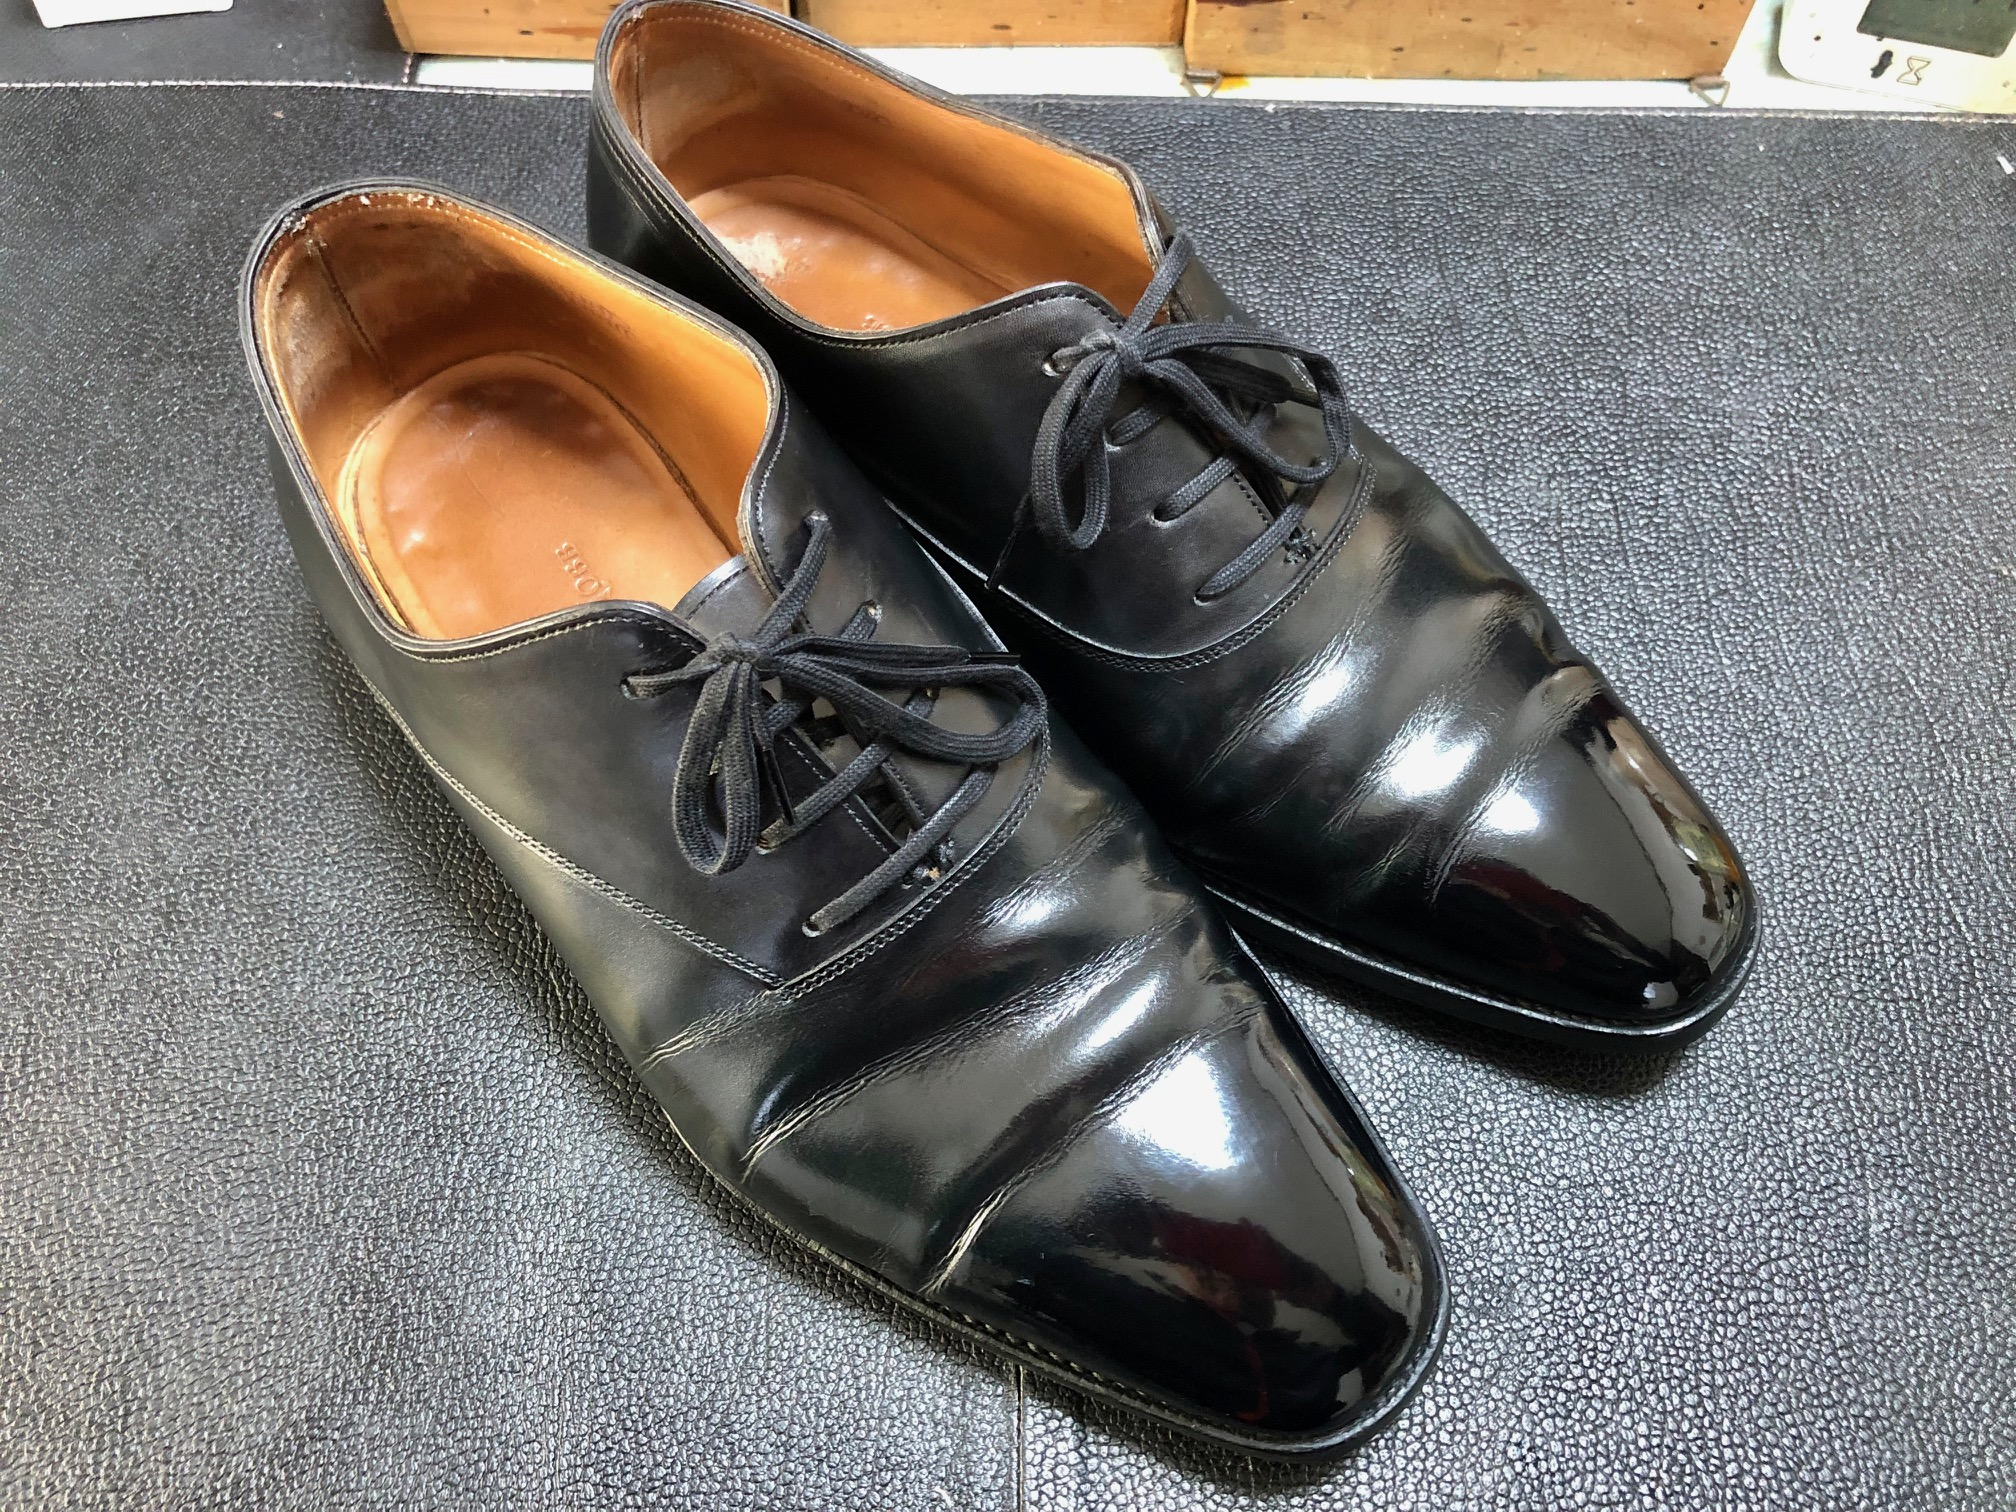 ジョンロブ 靴磨き 鏡面磨き ハイシャイン